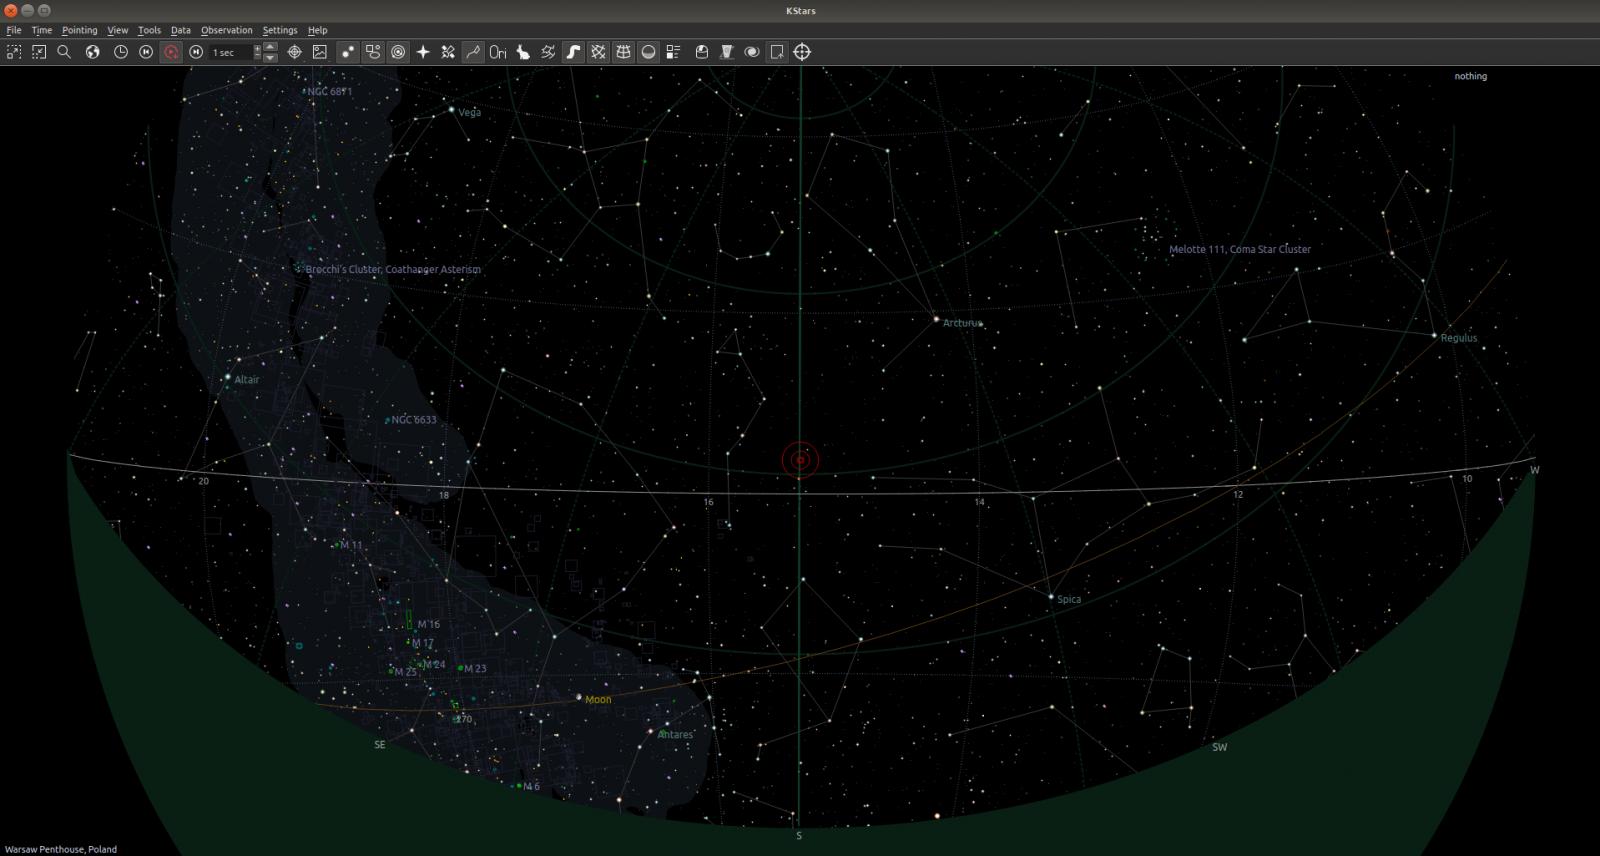 kstars_skymap.thumb.png.01a44f4662a05b3ec3fd04de5adaa552.png